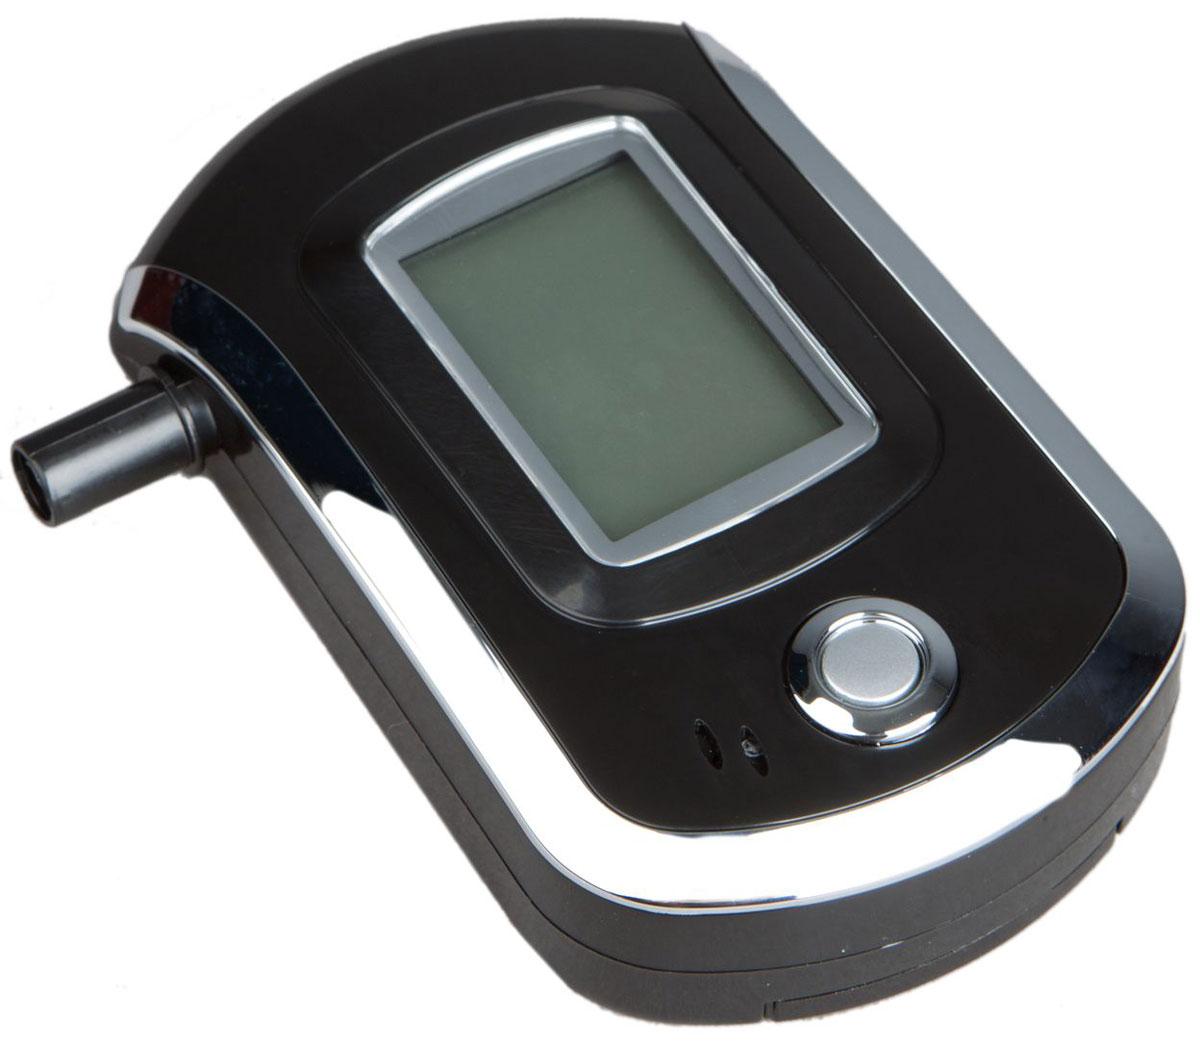 Дельта АТ 300, Black алкотестер2012506203005Персональный алкогольный тестер Дельта АТ-300 предназначен для определения содержания паров алкоголя в выдыхаемом воздухе. Устройство разработано на основе современного высокотехнологичного полупроводникового датчика алкоголя с нагревательным элементом, который имеет высокую чувствительность. Современный и компактный дизайн тестера делают прибор удобным в использовании. Результат измерений выводится на удобный и большой жидкокристаллический дисплей. Диапазон: 0.00 - 2 промилле Погрешность: ± 5 % Время измерения: 5 с Время прогрева: 20 с Диапазон температур: -10...+ 50 °C Индикация превышения содержания алкоголя Индикация заряда батареи и неисправности